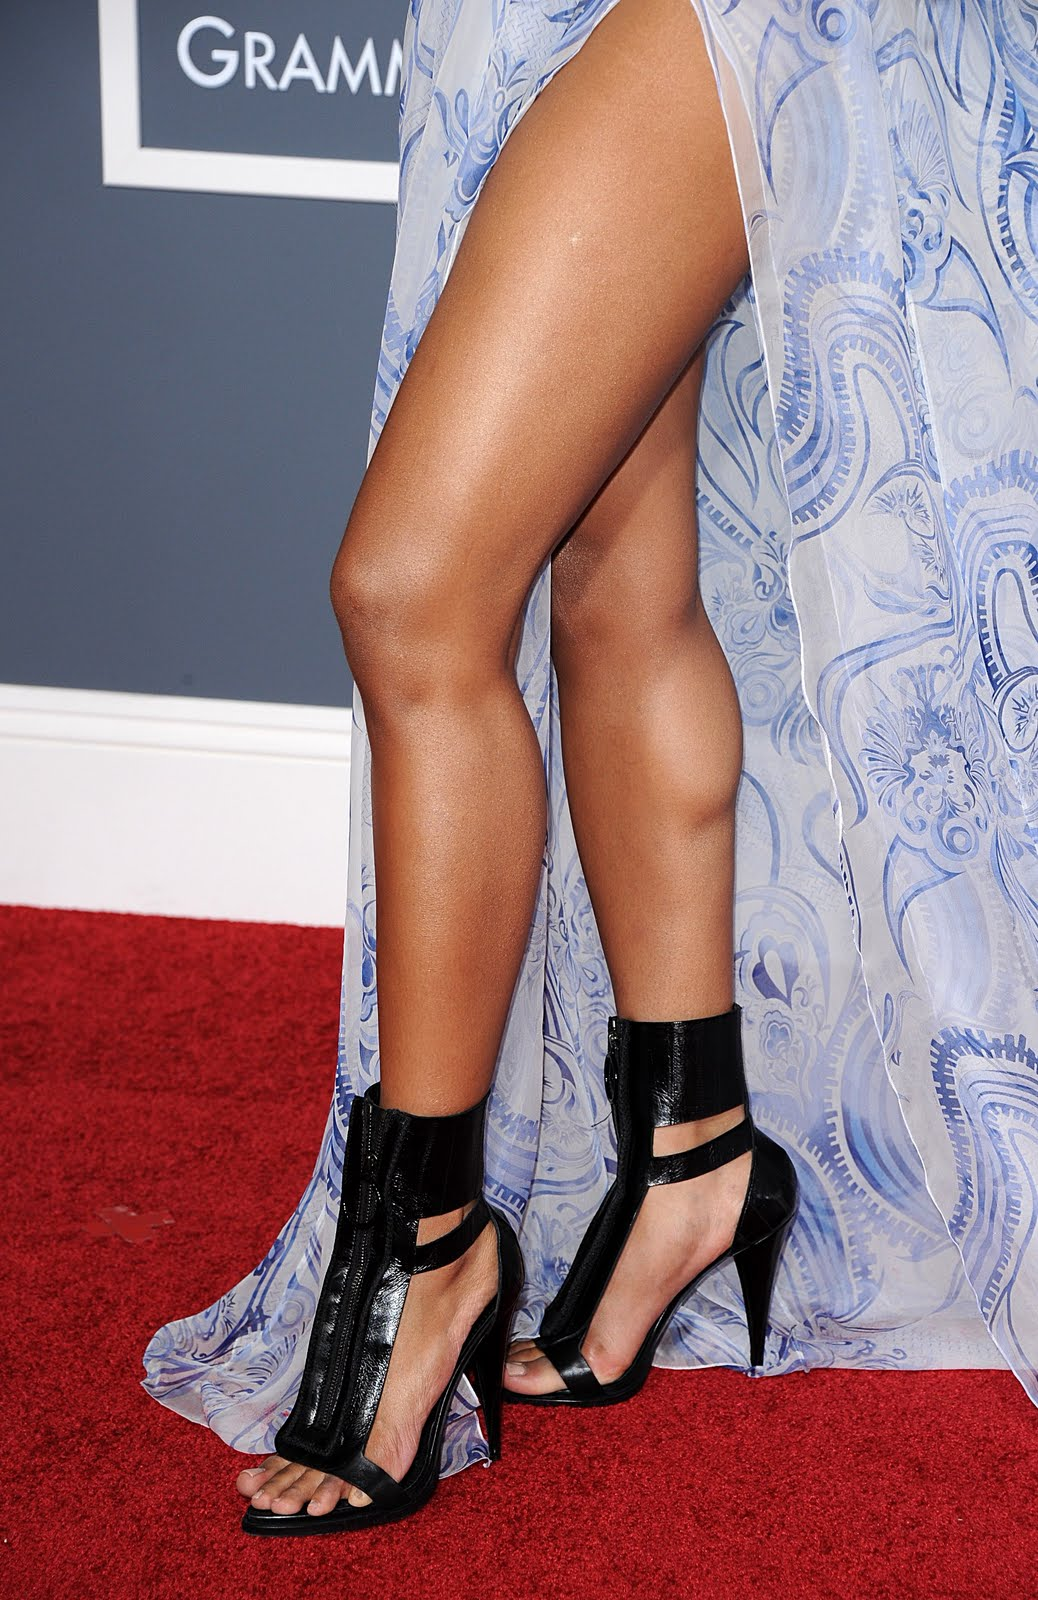 http://4.bp.blogspot.com/-bI2VNq90Zfs/TVmJyPS4KyI/AAAAAAAAFJs/WsPJAcQ_9oo/s1600/ciara_cleavage_thigh_grammys_3.jpg